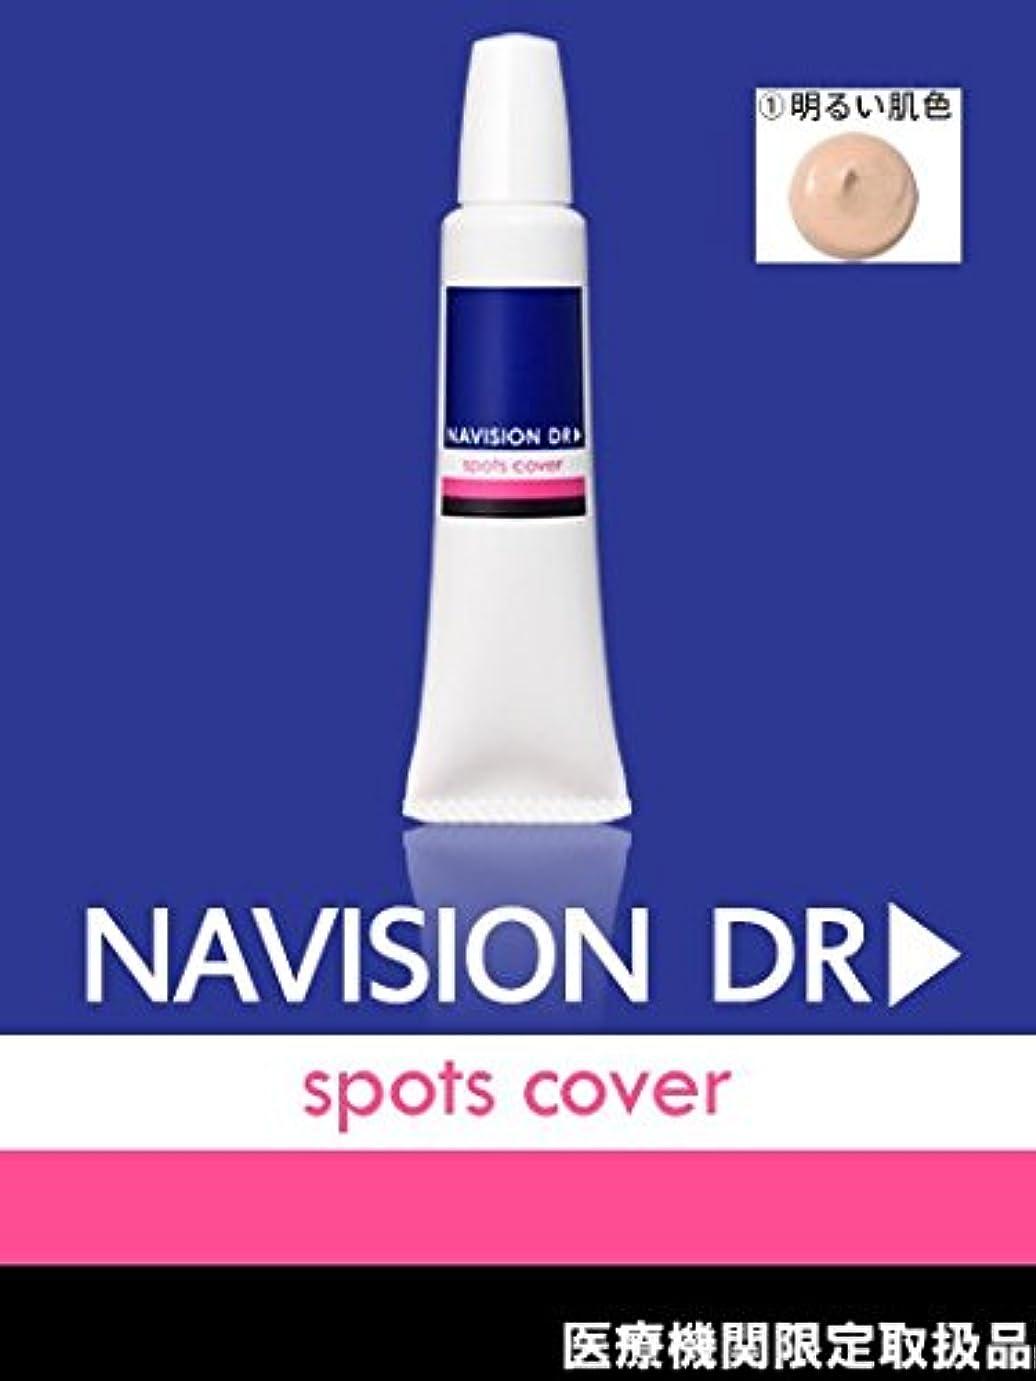 NAVISION DR? ナビジョンDR スポッツカバー ①明るい肌色 SPF40?PA+++【医療機関限定取扱品】